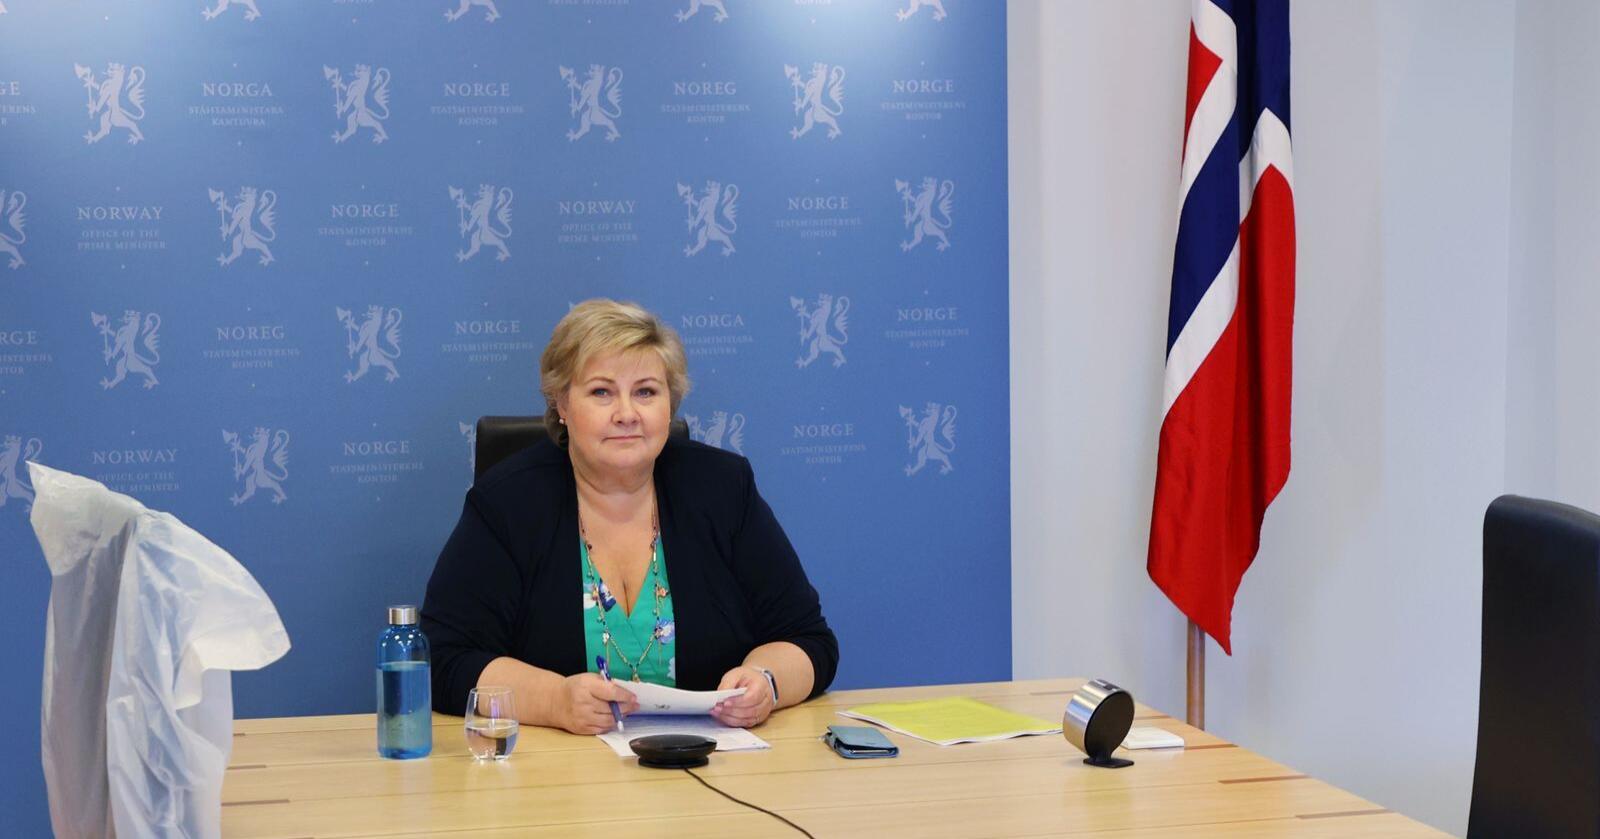 Statsminister Erna Solberg har videomøte med de nordiske statsministrene.Foto: Ørn E. Borgen / NTB scanpix